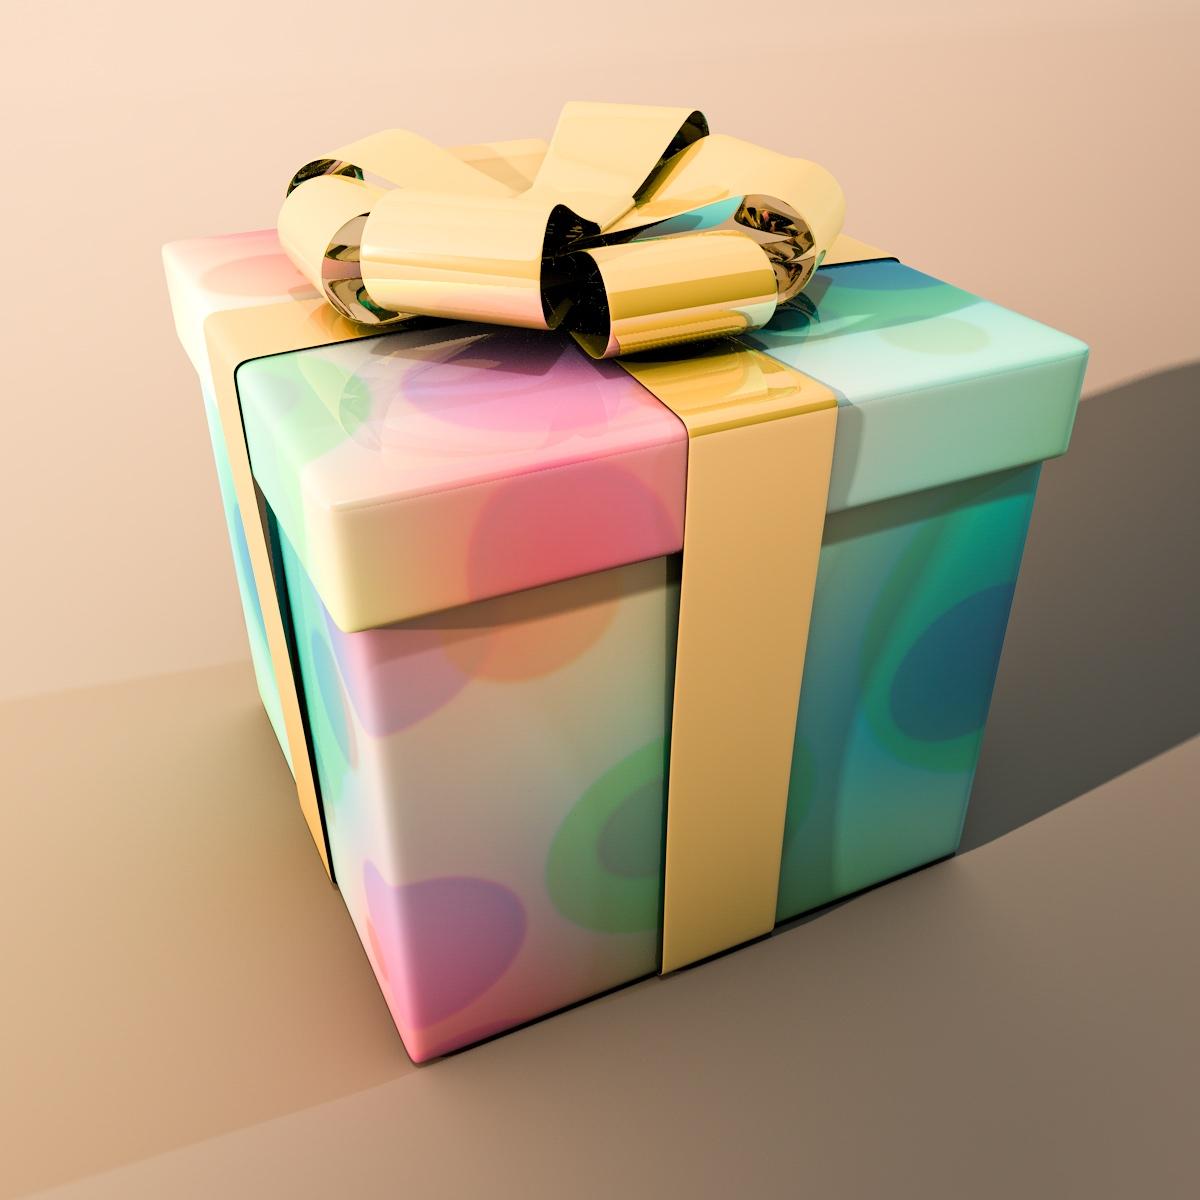 gift box closed box square